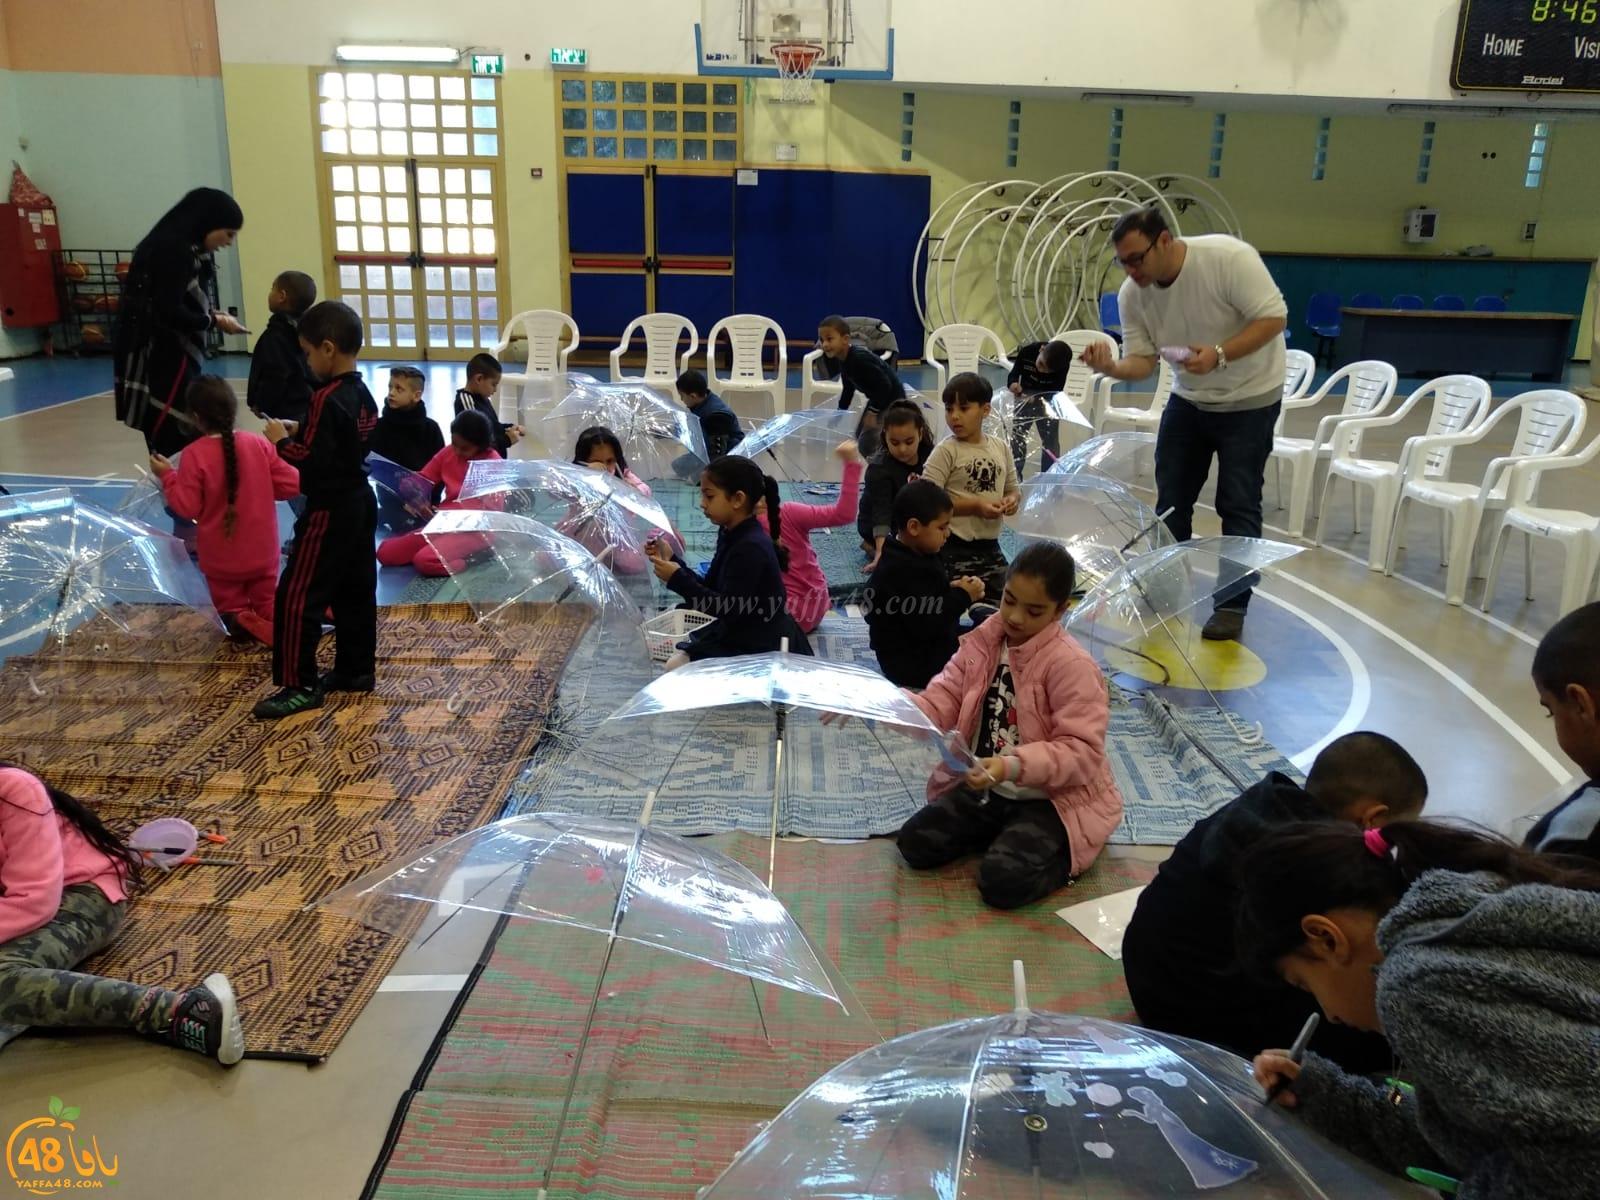 بالصور: اختتام فعاليات مصيّف الشتاء في المركز الجماهيري بيافا